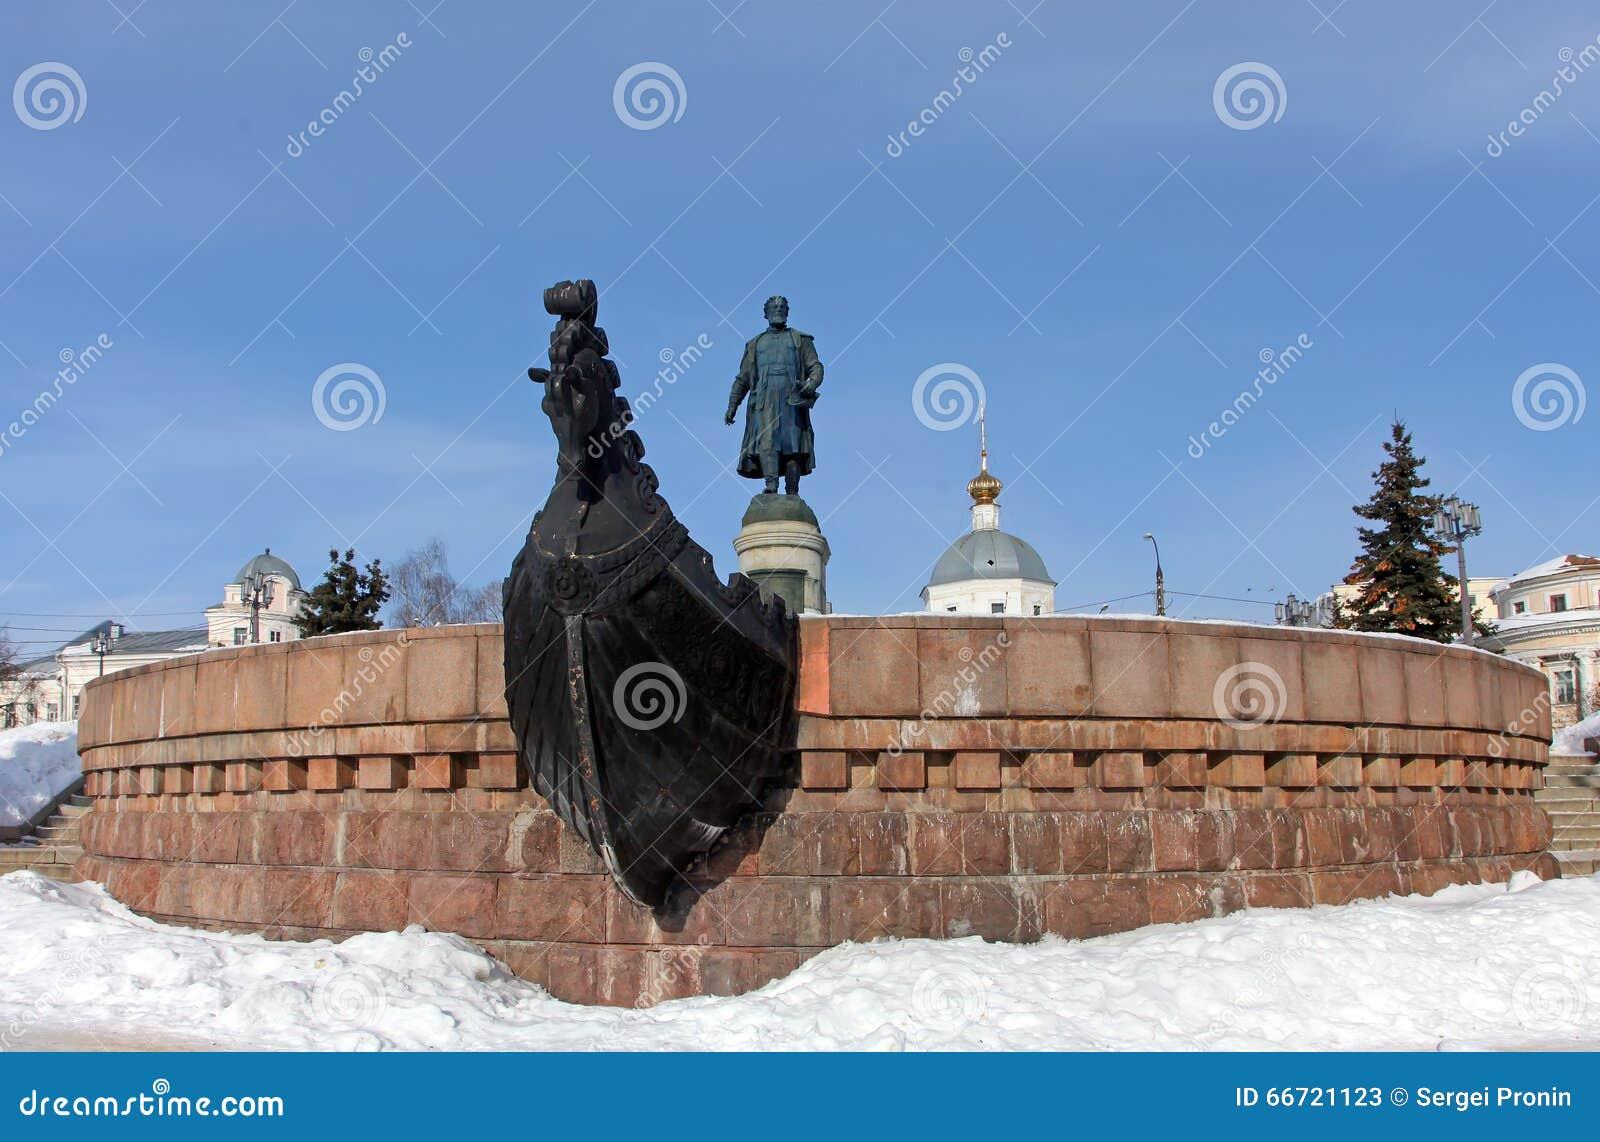 TVER, RUSIA - 22 de febrero: Monumento a Afanasy Nikitin - russ